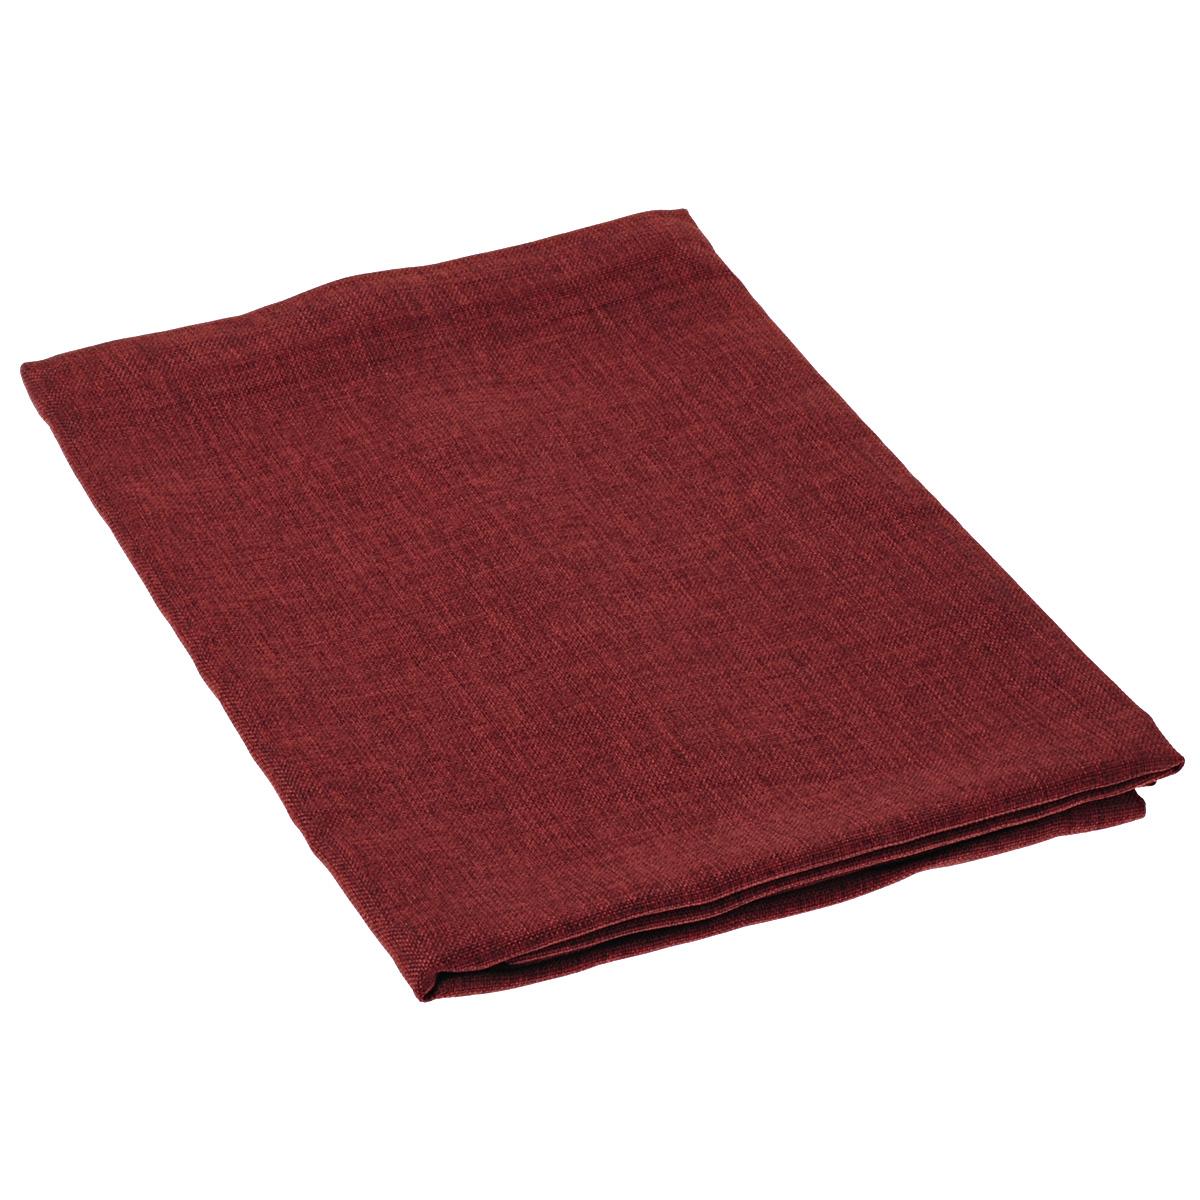 Скатерть Schaefer, прямоугольная, цвет: красный, 135x 220 см. 41298231 белая с ручной раскраскойВеликолепная скатерть Schaefer, выполненная из полиэстера, органично впишется в интерьер любого помещения, а оригинальный дизайн удовлетворит даже самый изысканный вкус. Изделие легко стирать и гладить, не требует специального ухода.Это текстильное изделие станет удобным и оригинальным украшением вашего дома!Изысканный текстиль от немецкой компании Schaefer - это красота, стиль и уют в вашем доме. Дарите себе и близким красоту каждый день!